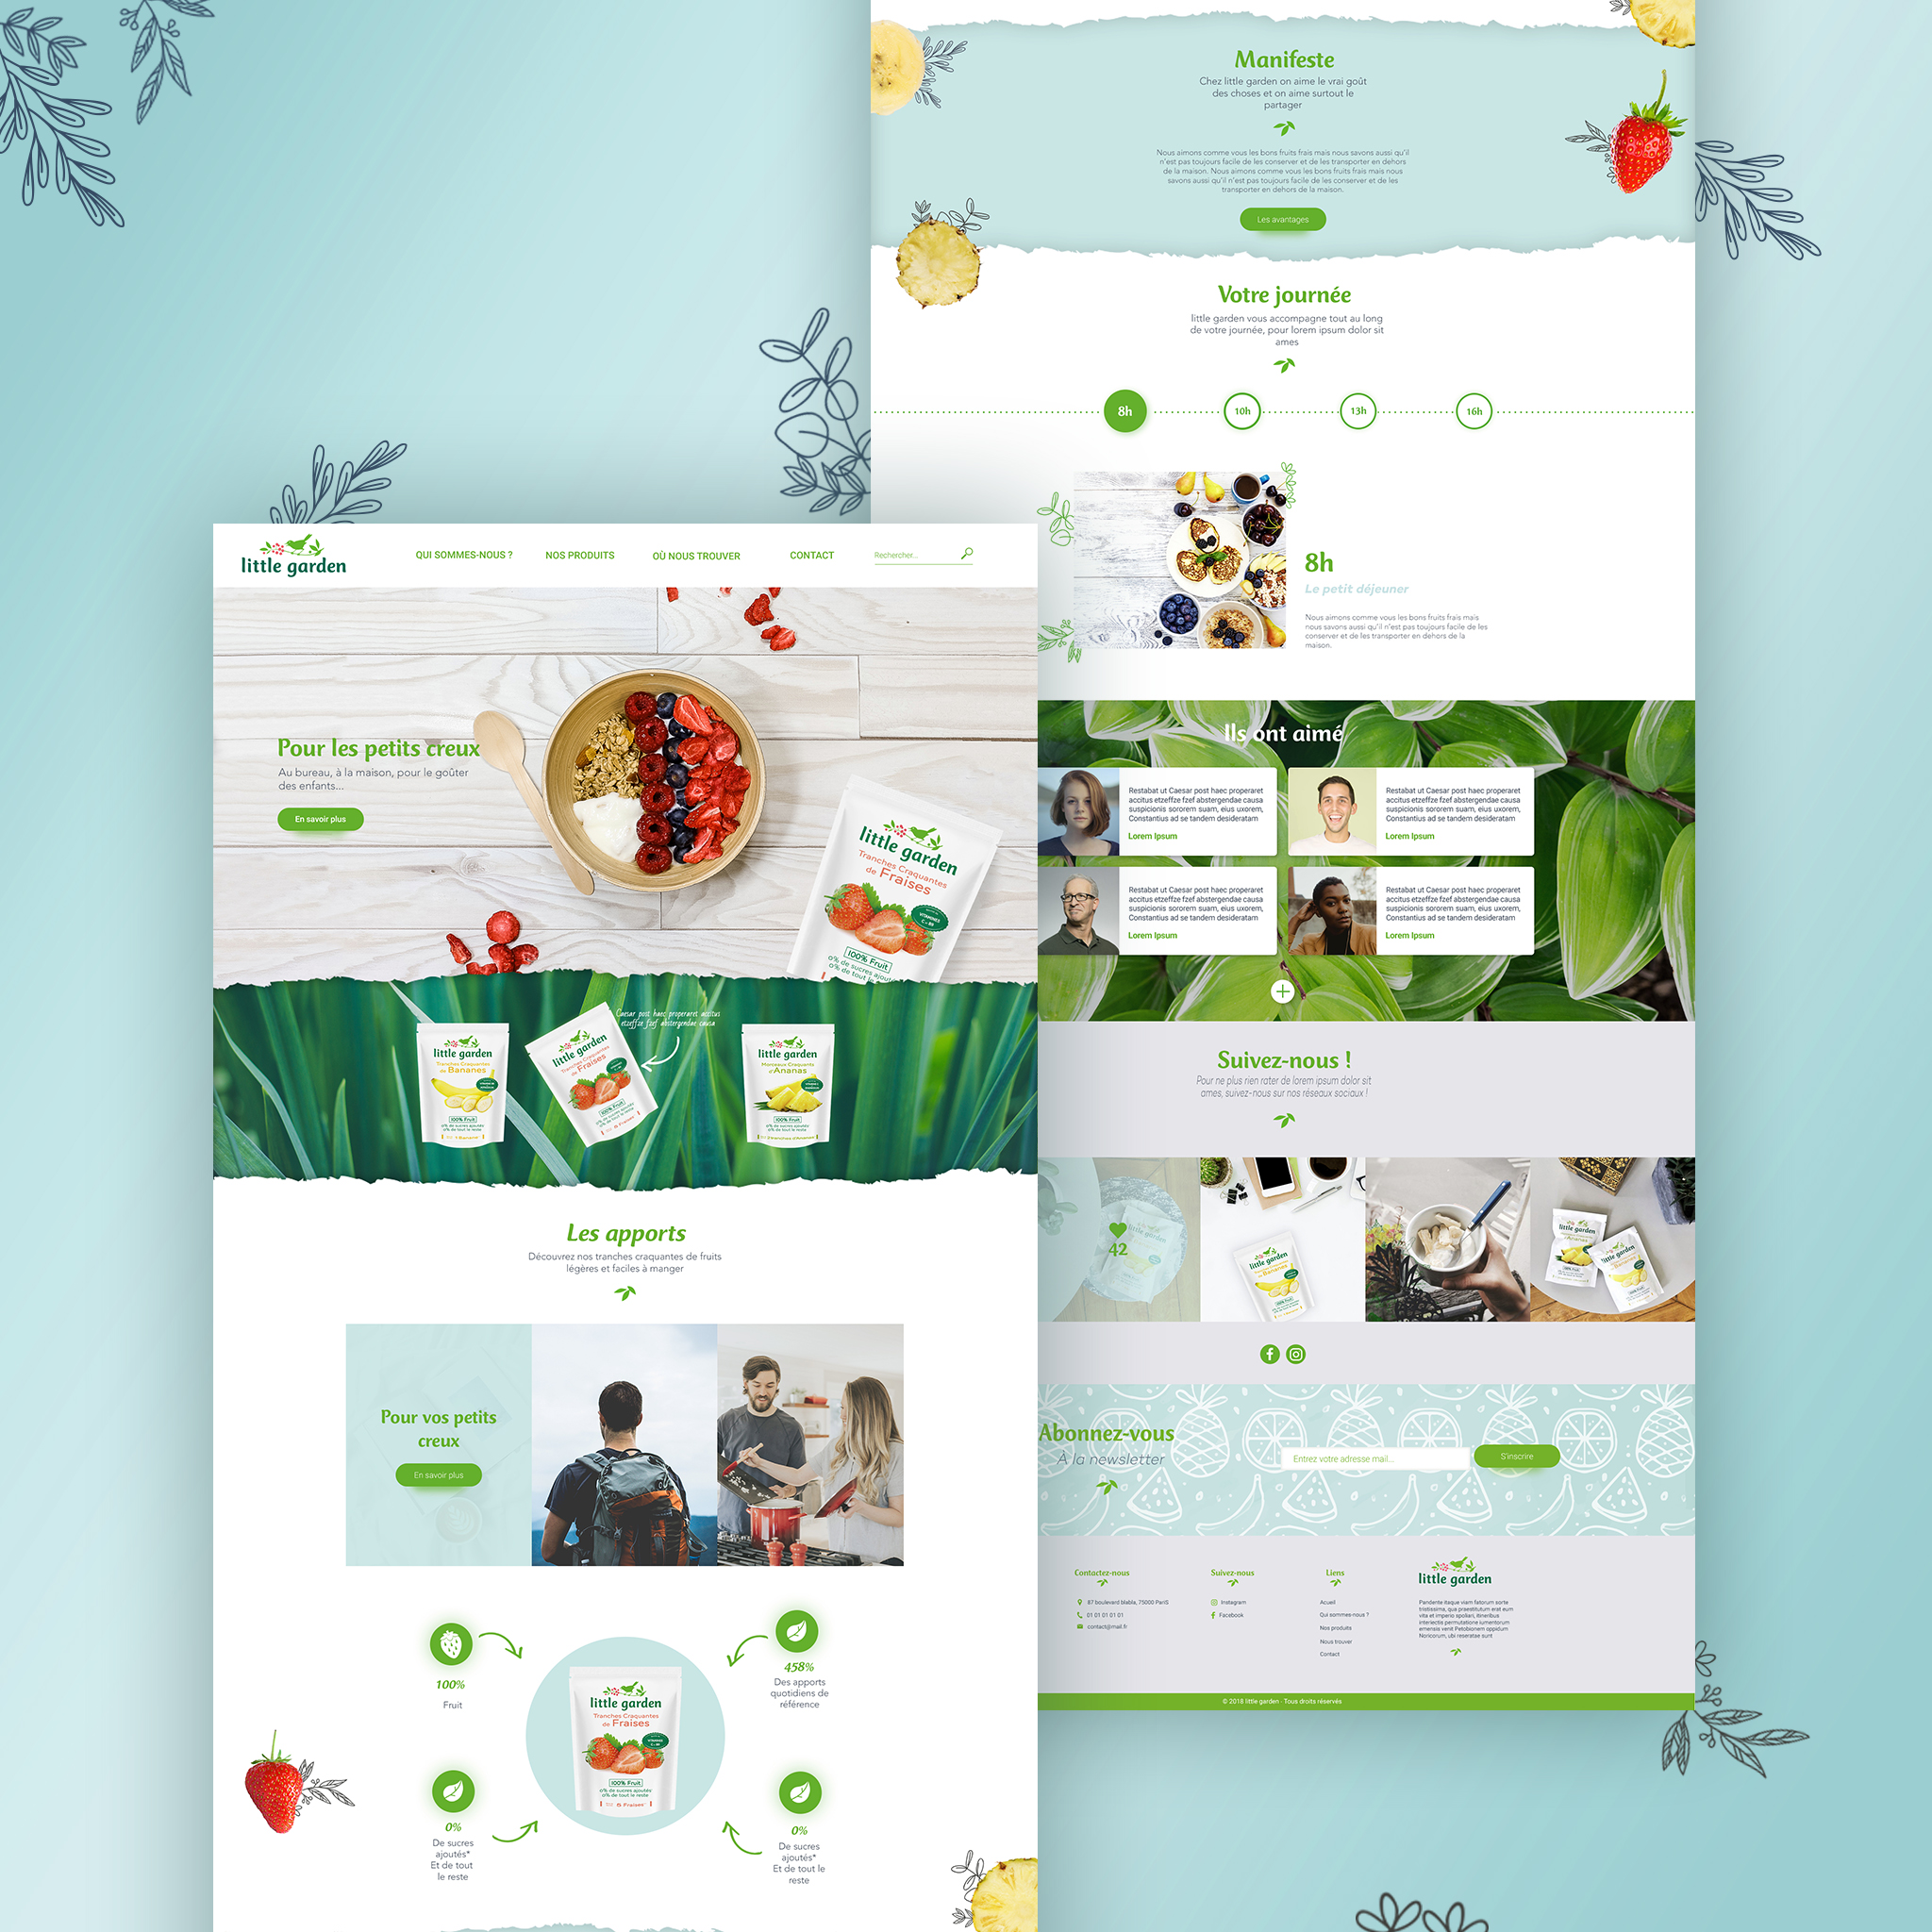 Visuels de la maquette de la page d'accueil du site internet «little garden», service de vente en ligne de tranches de fruit pour une alimentation saine.